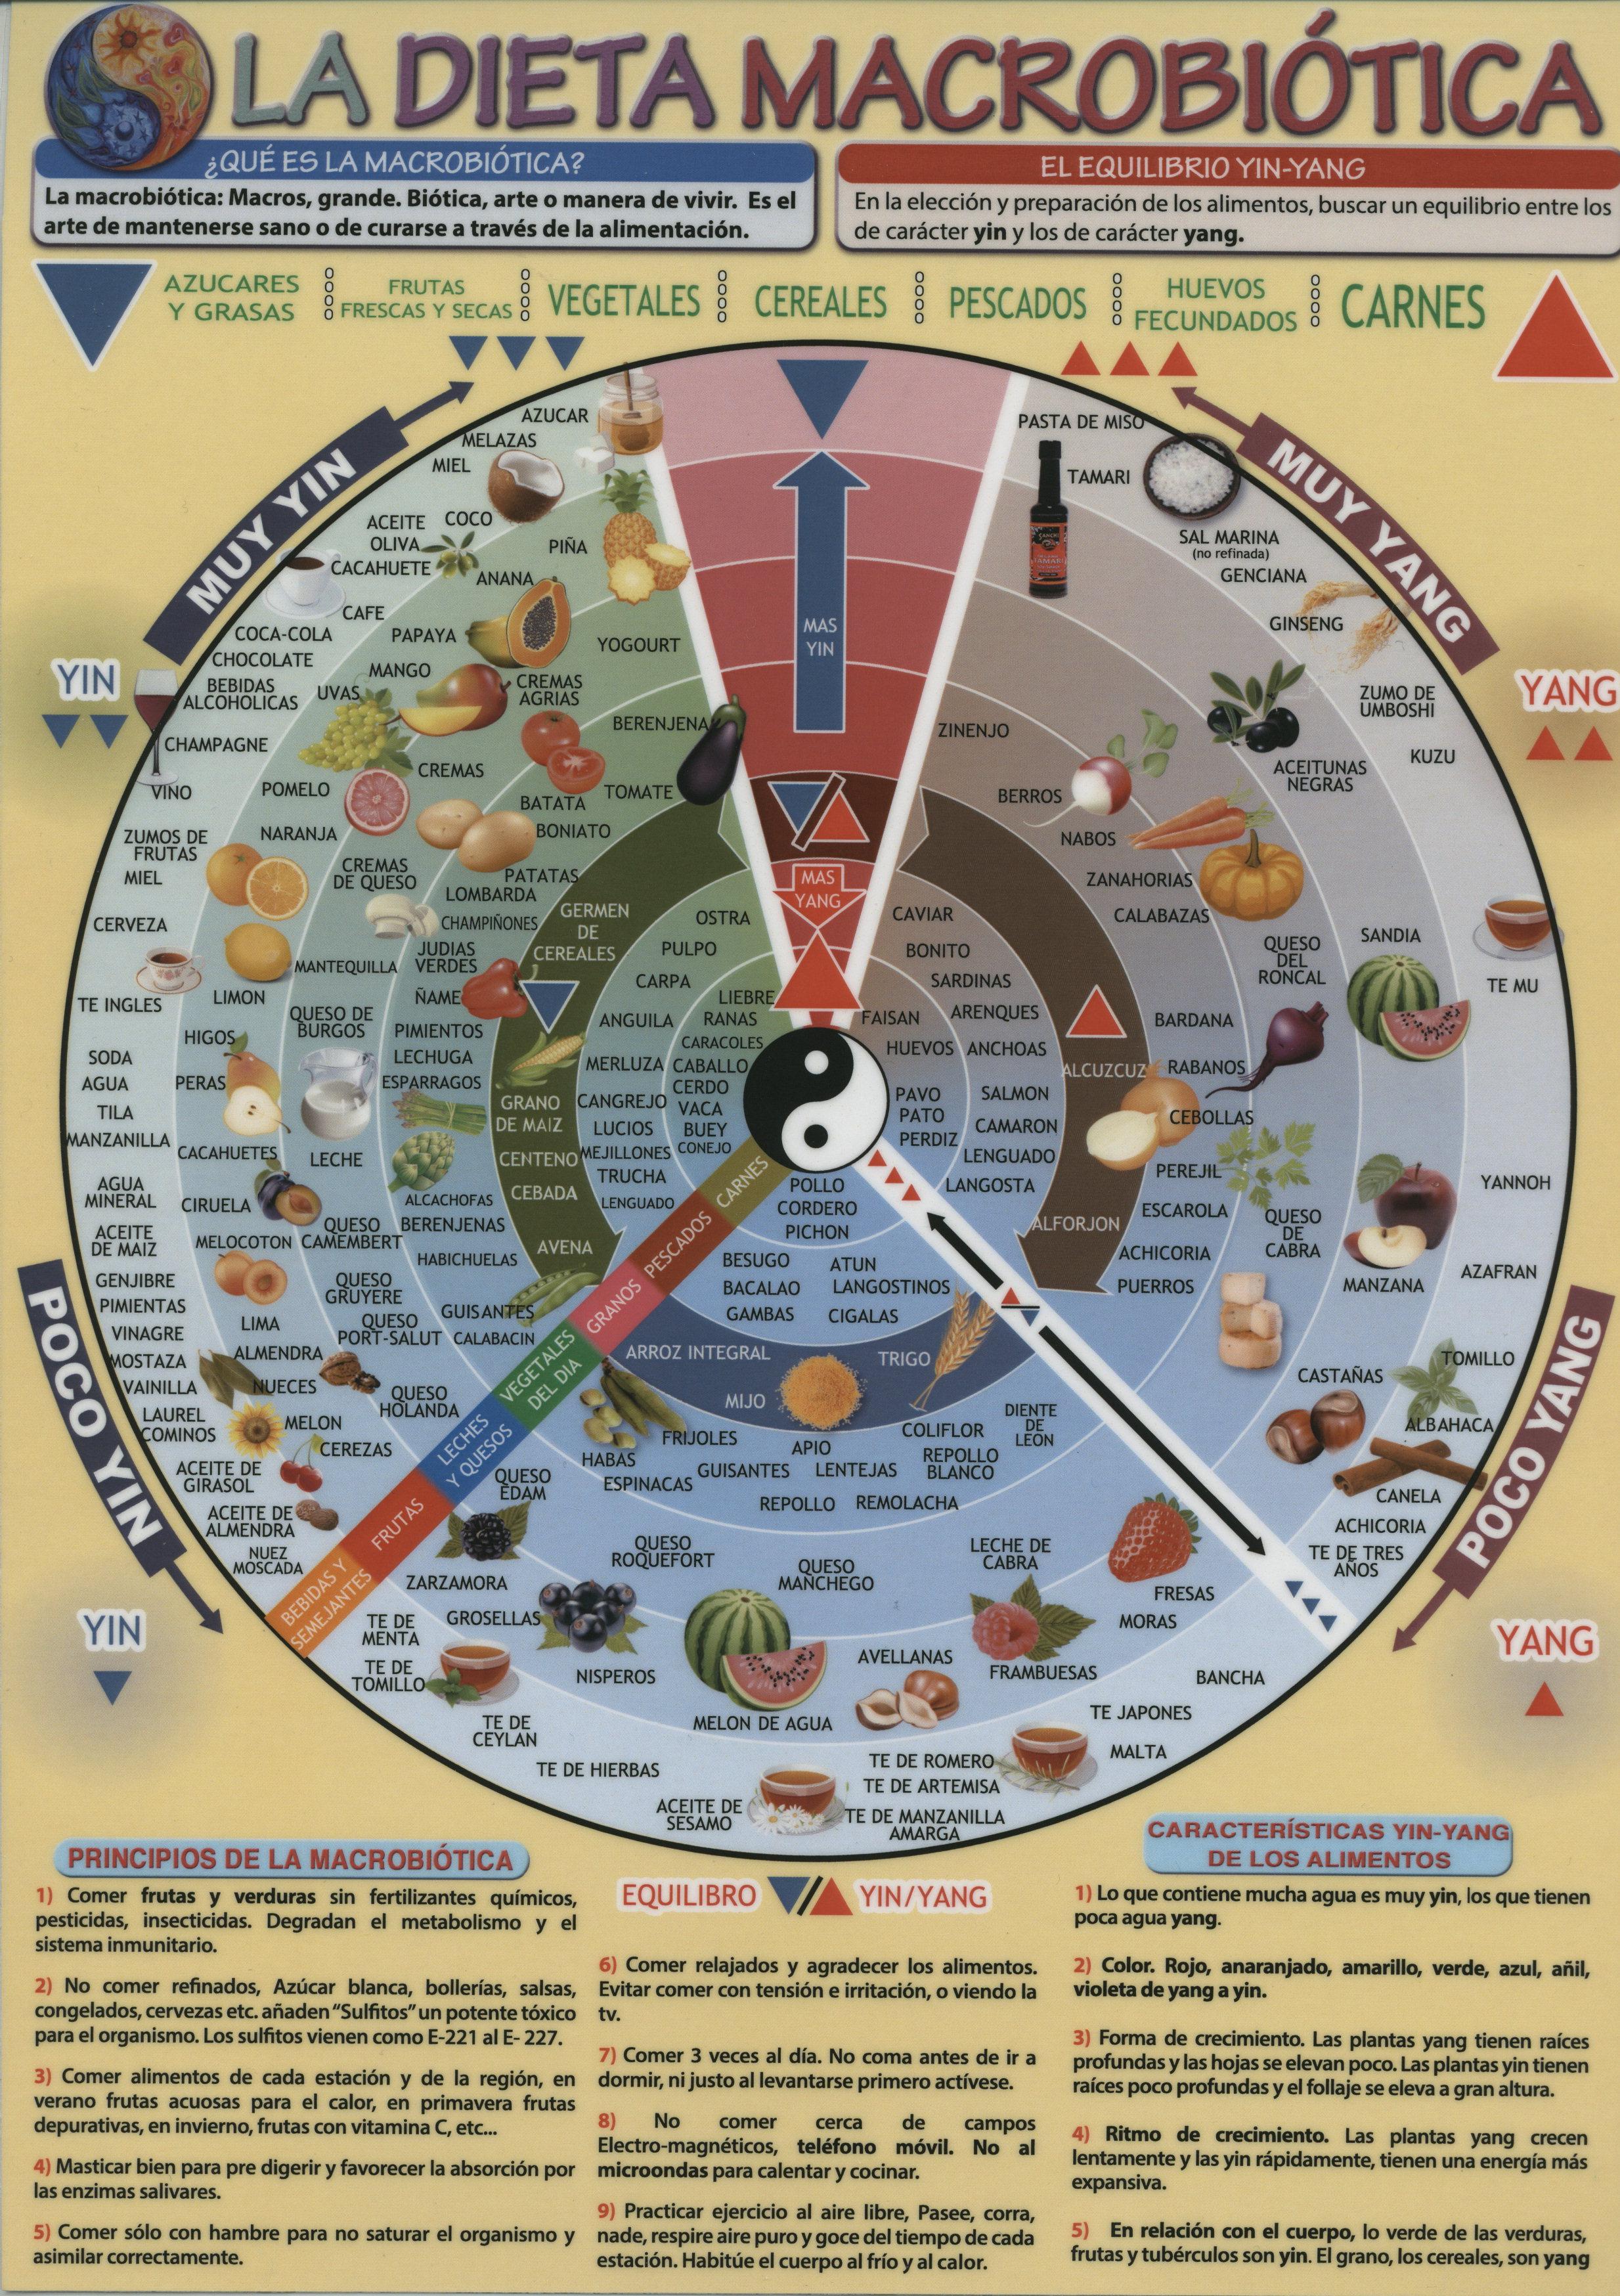 dieta macrobiotica yin y yang